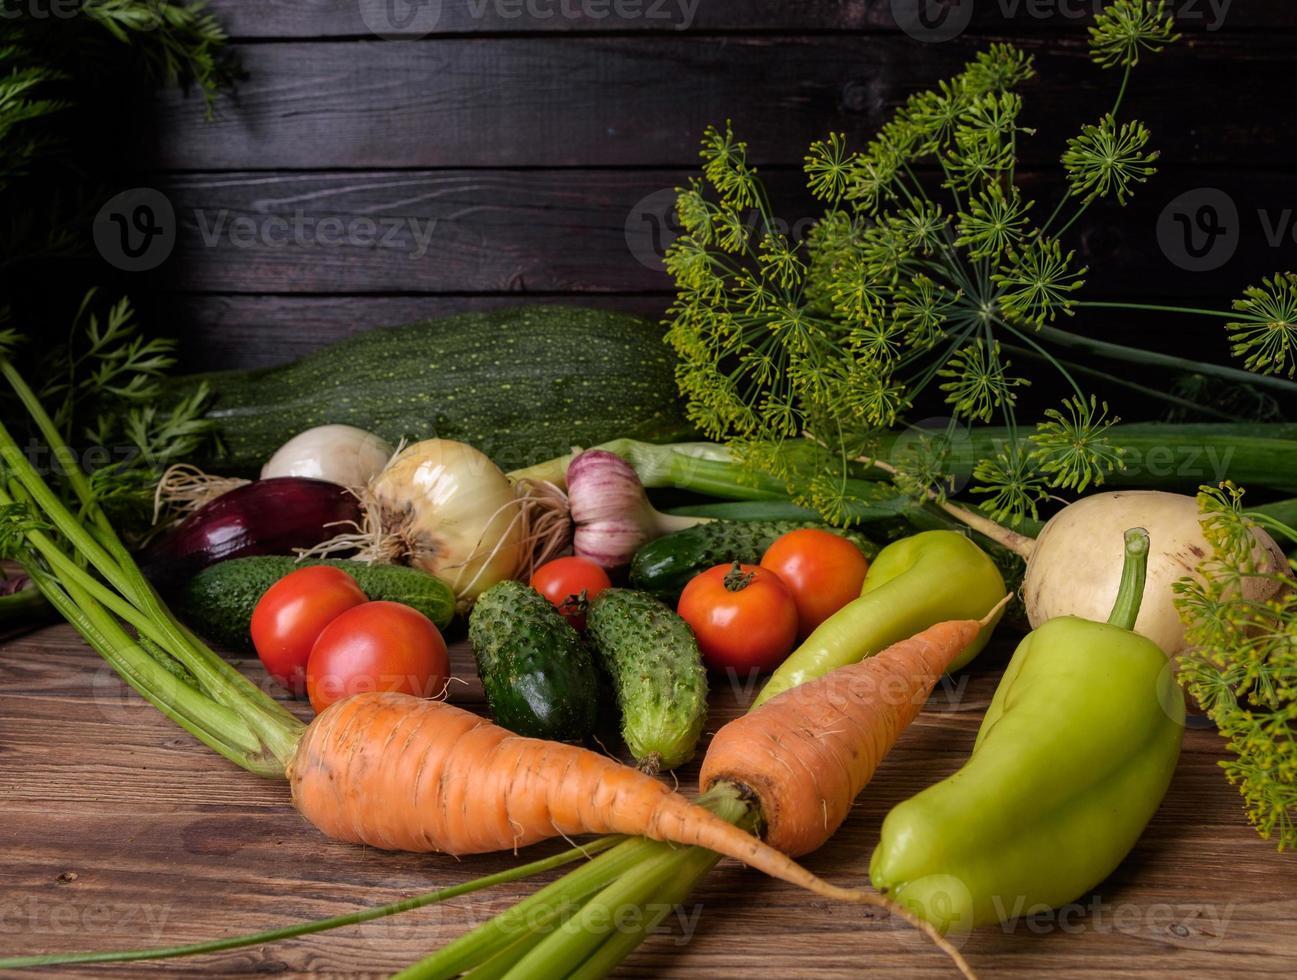 frisches Gemüse auf einem Holztisch. foto